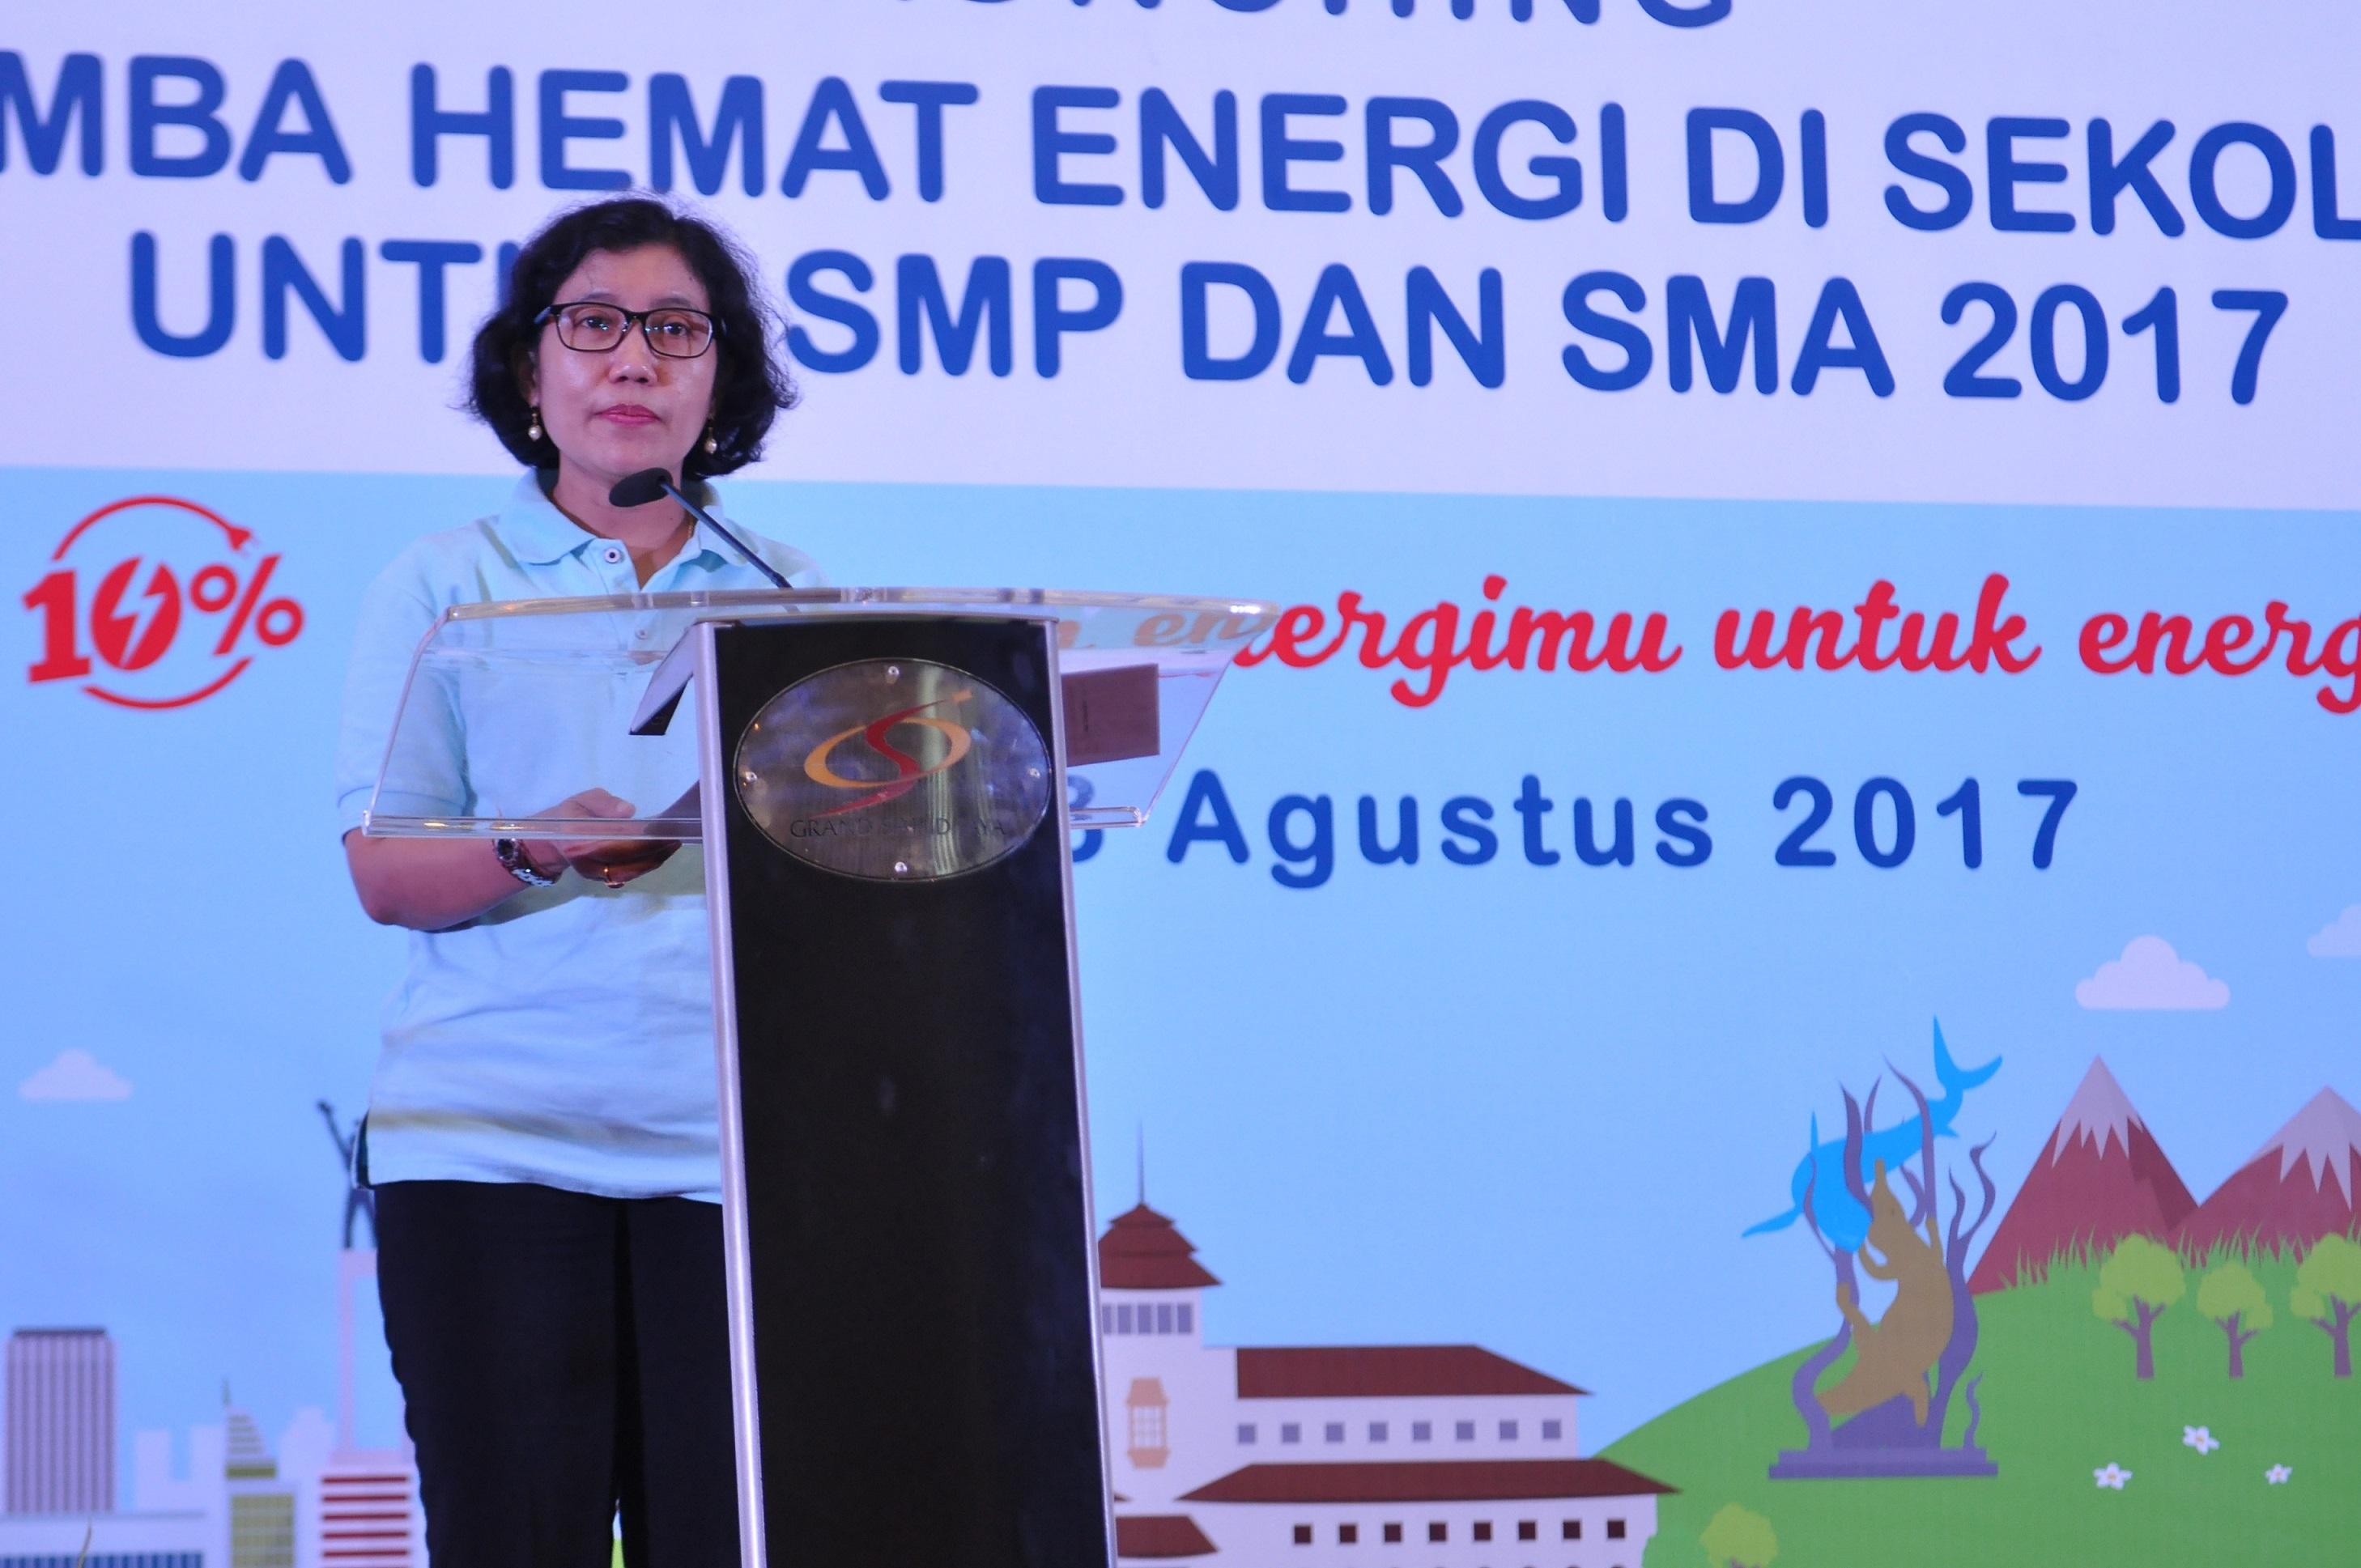 Direktur Konservasi Energi Menyampaikan Sambutan